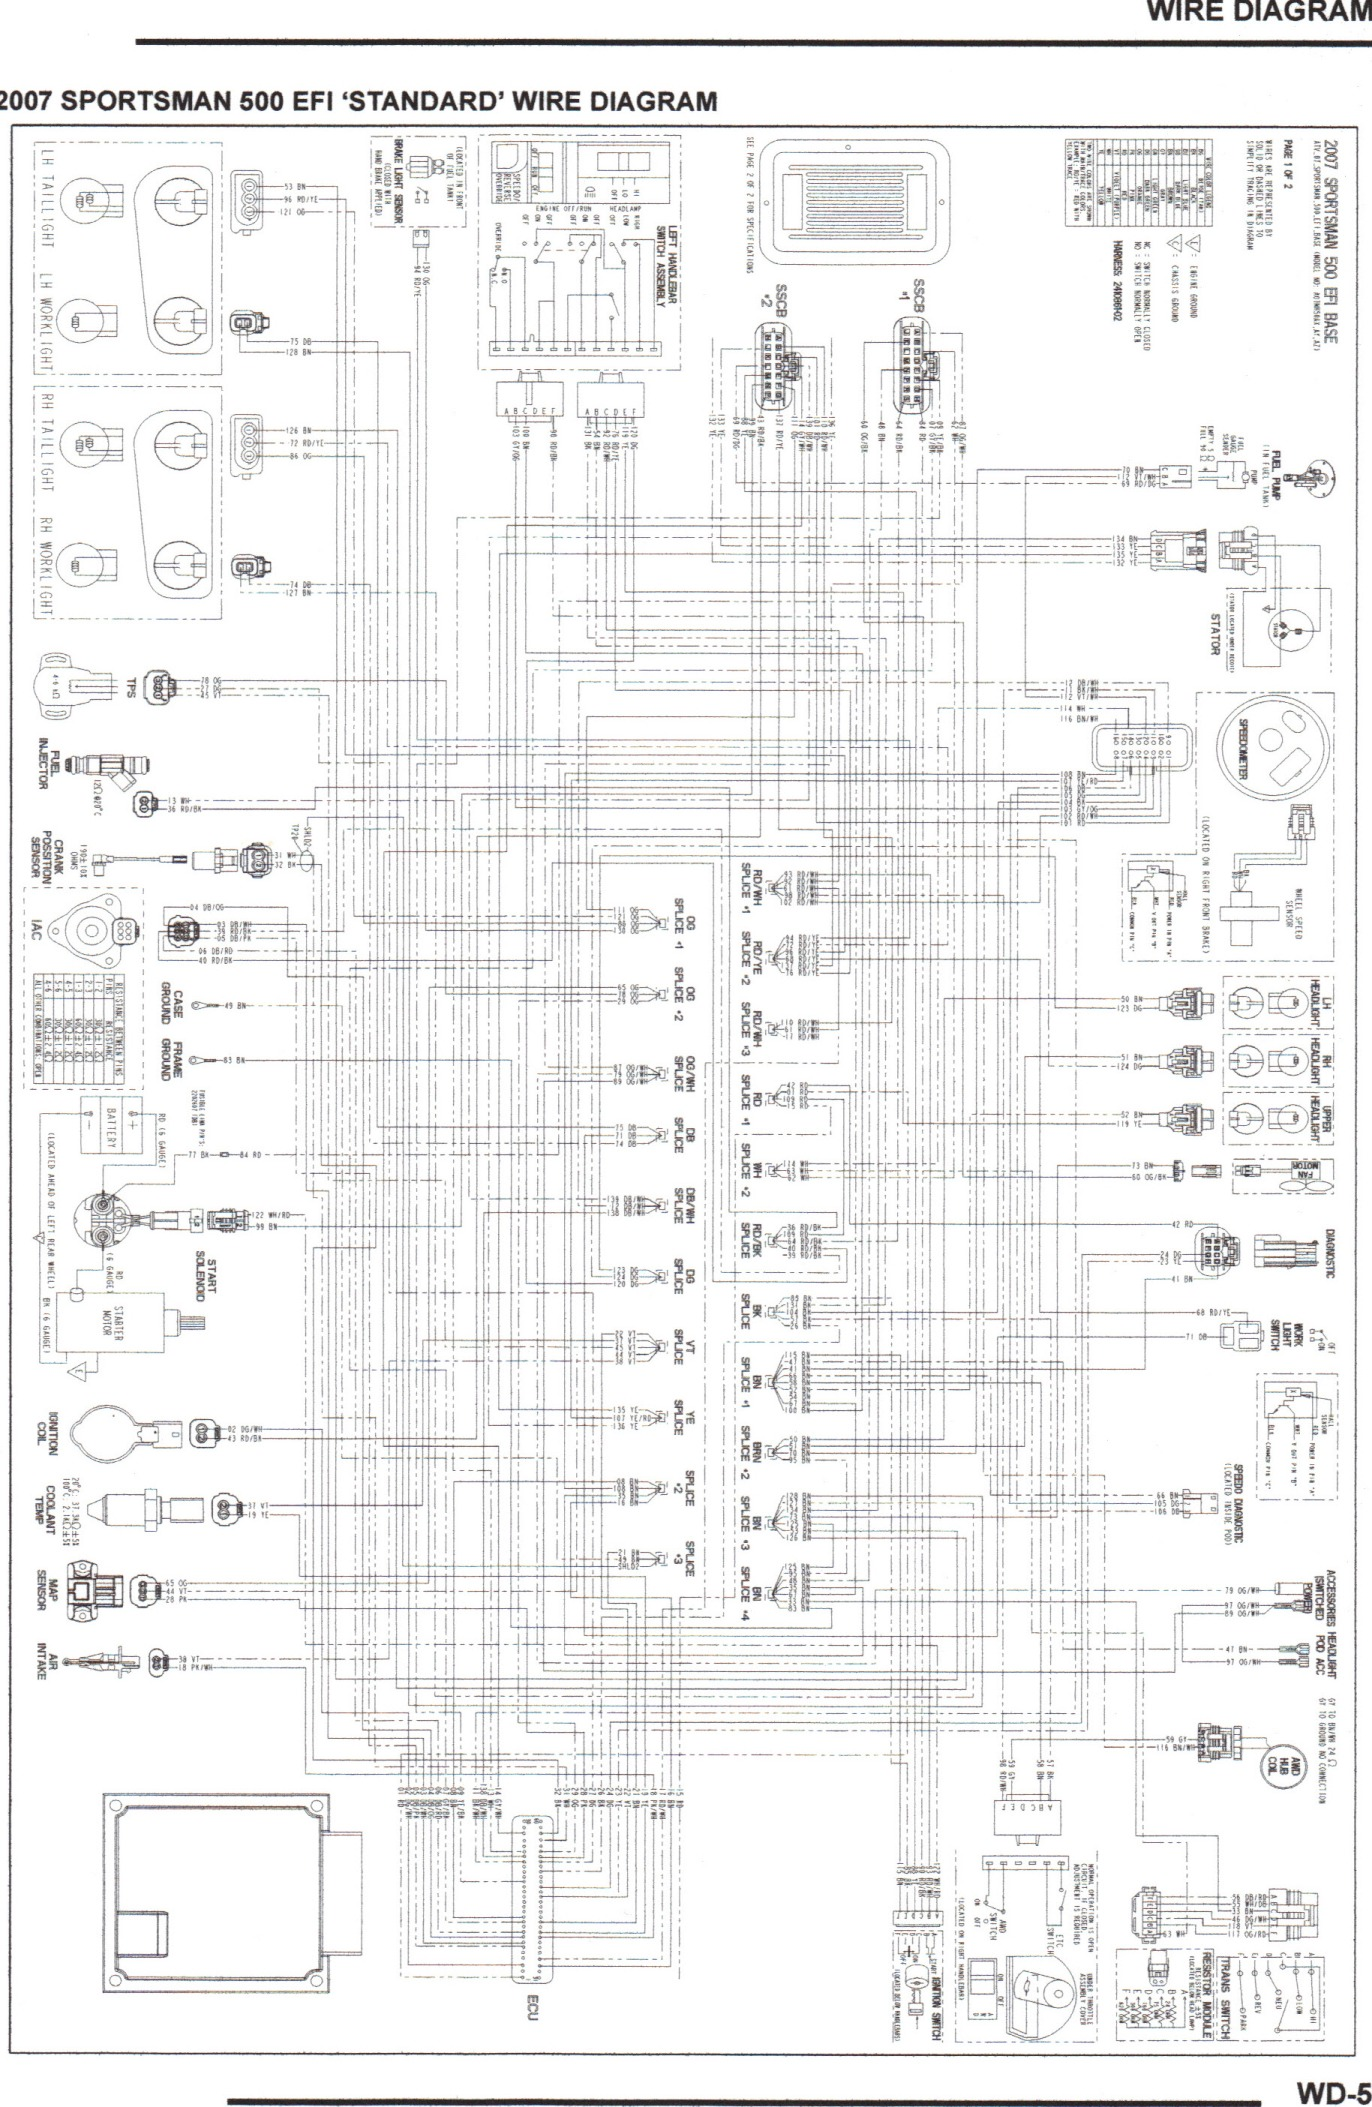 [QNCB_7524]  LE_6016] 1997 Kawasaki Atv Wiring Diagram Download Diagram | Fuse Box 1997 Yamaha Atv |  | Cajos Licuk Mohammedshrine Librar Wiring 101